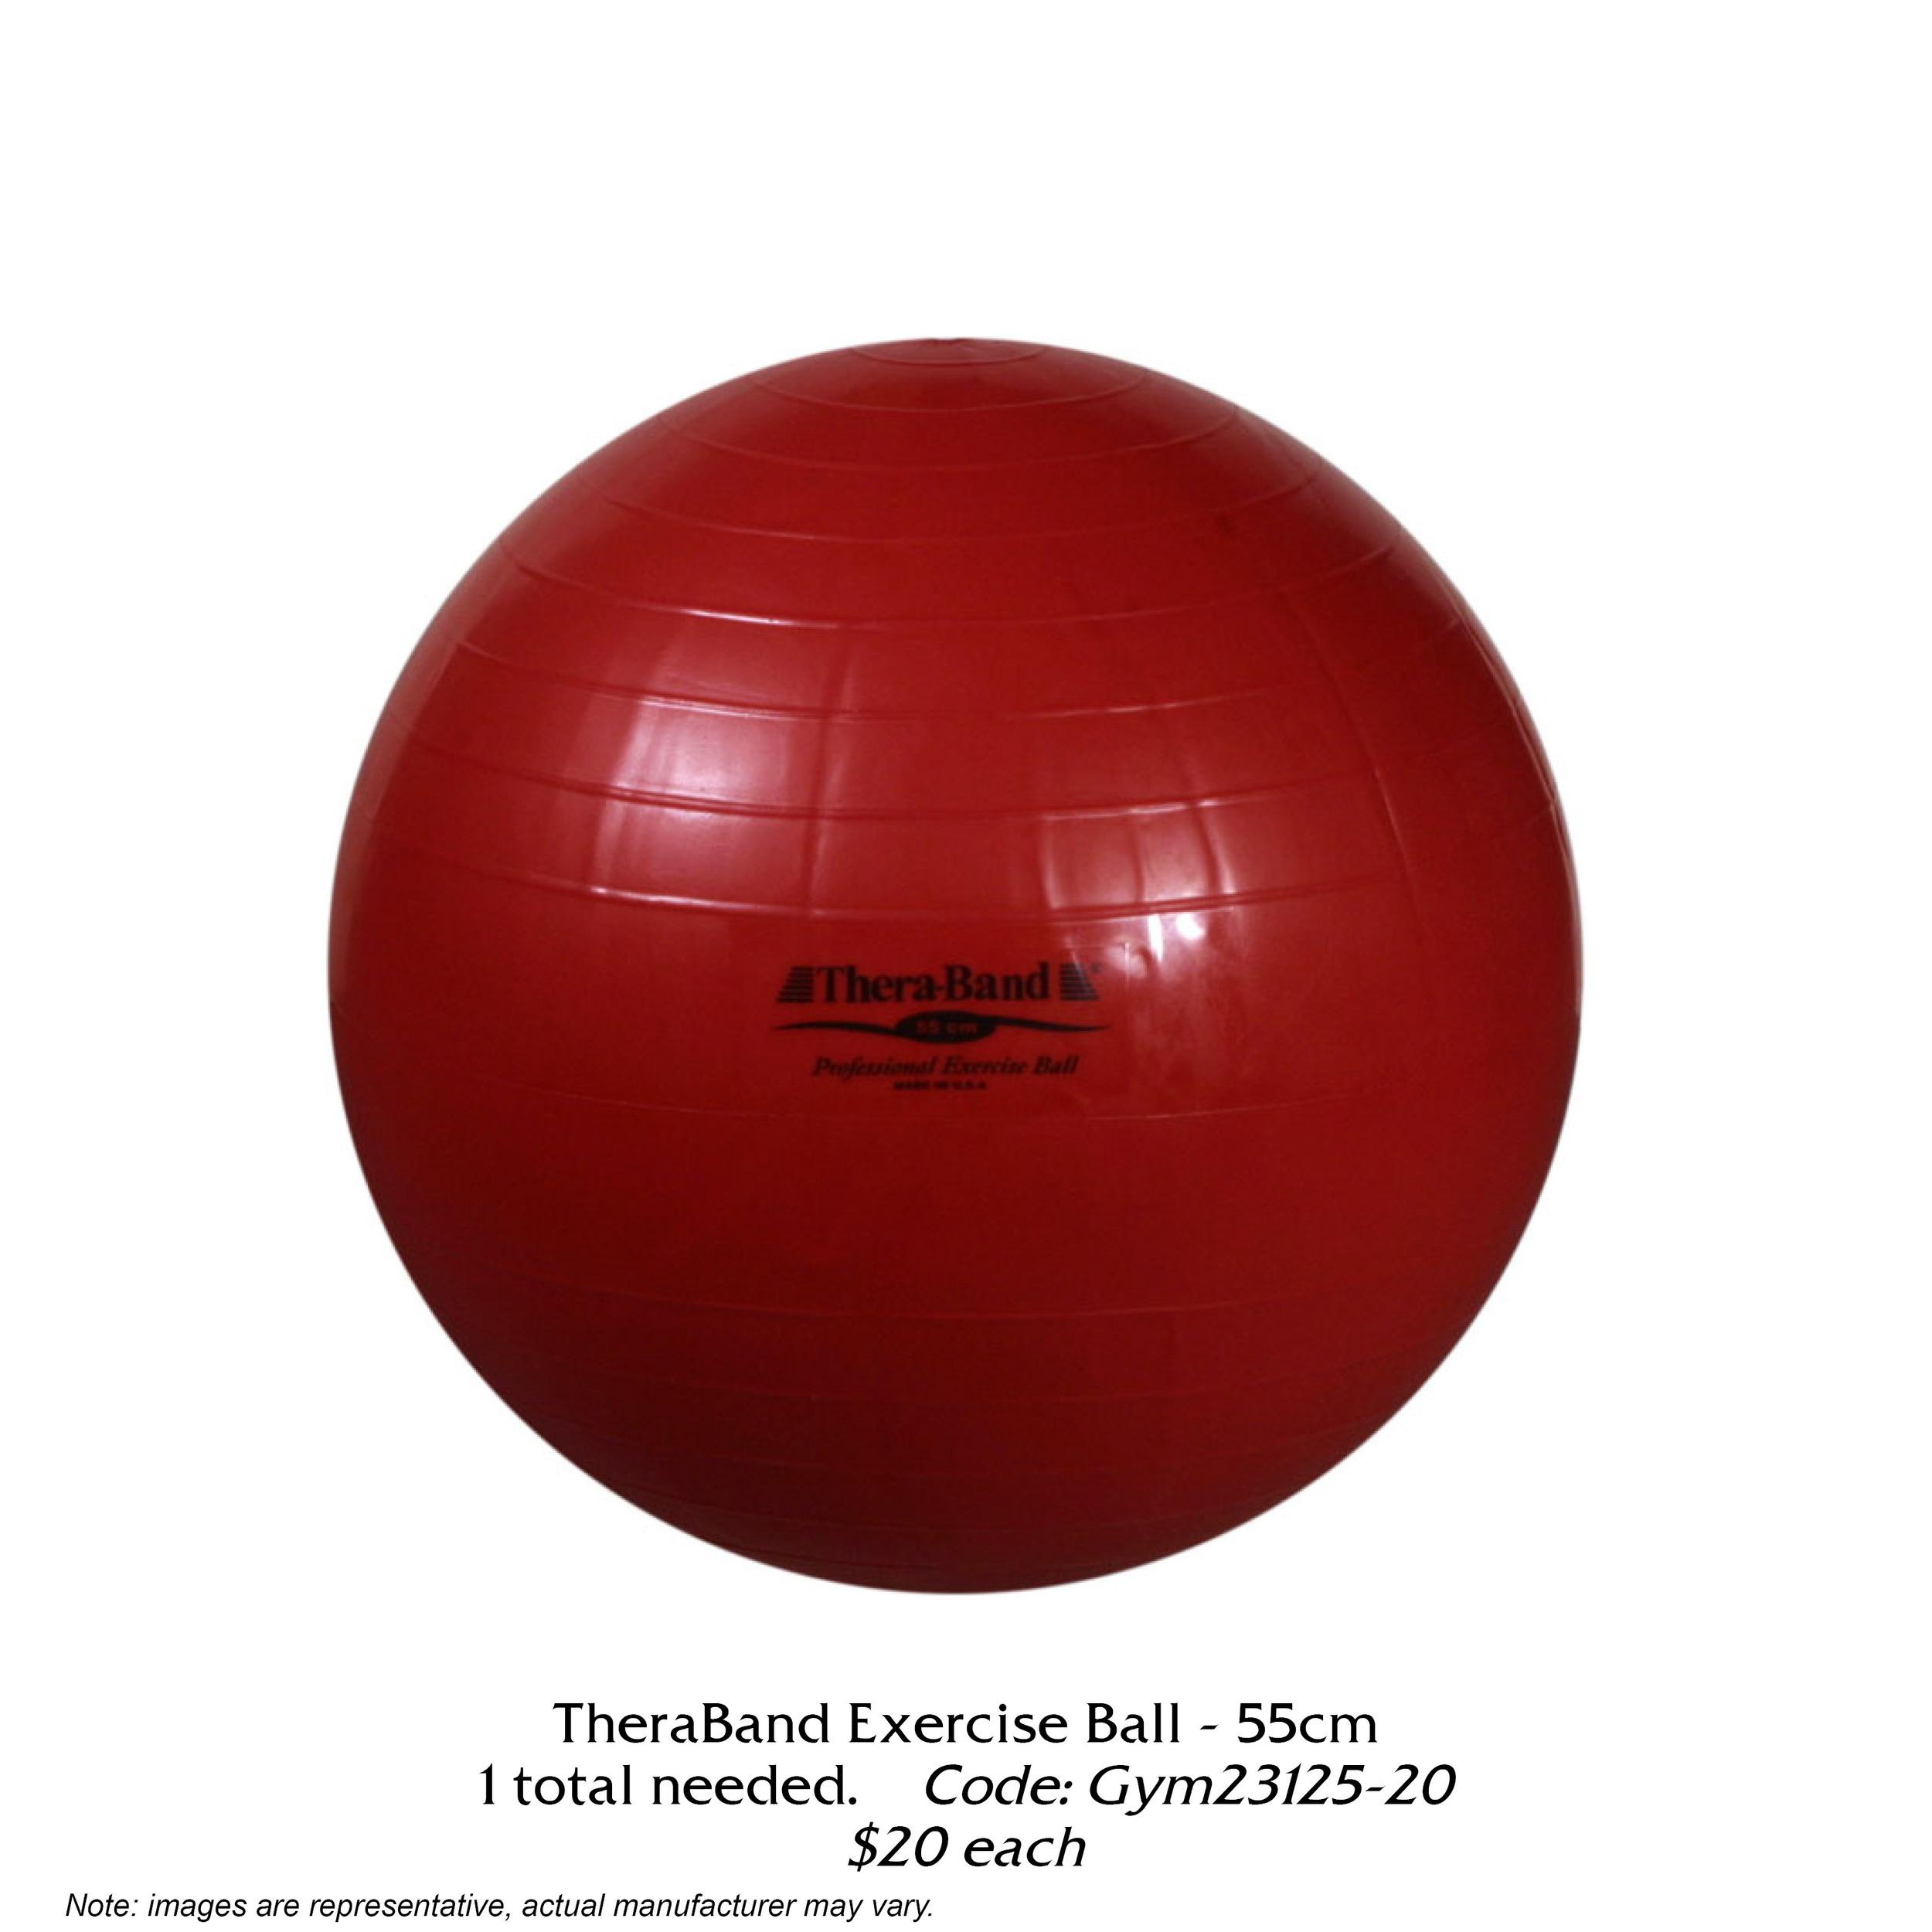 gym-23125.jpg